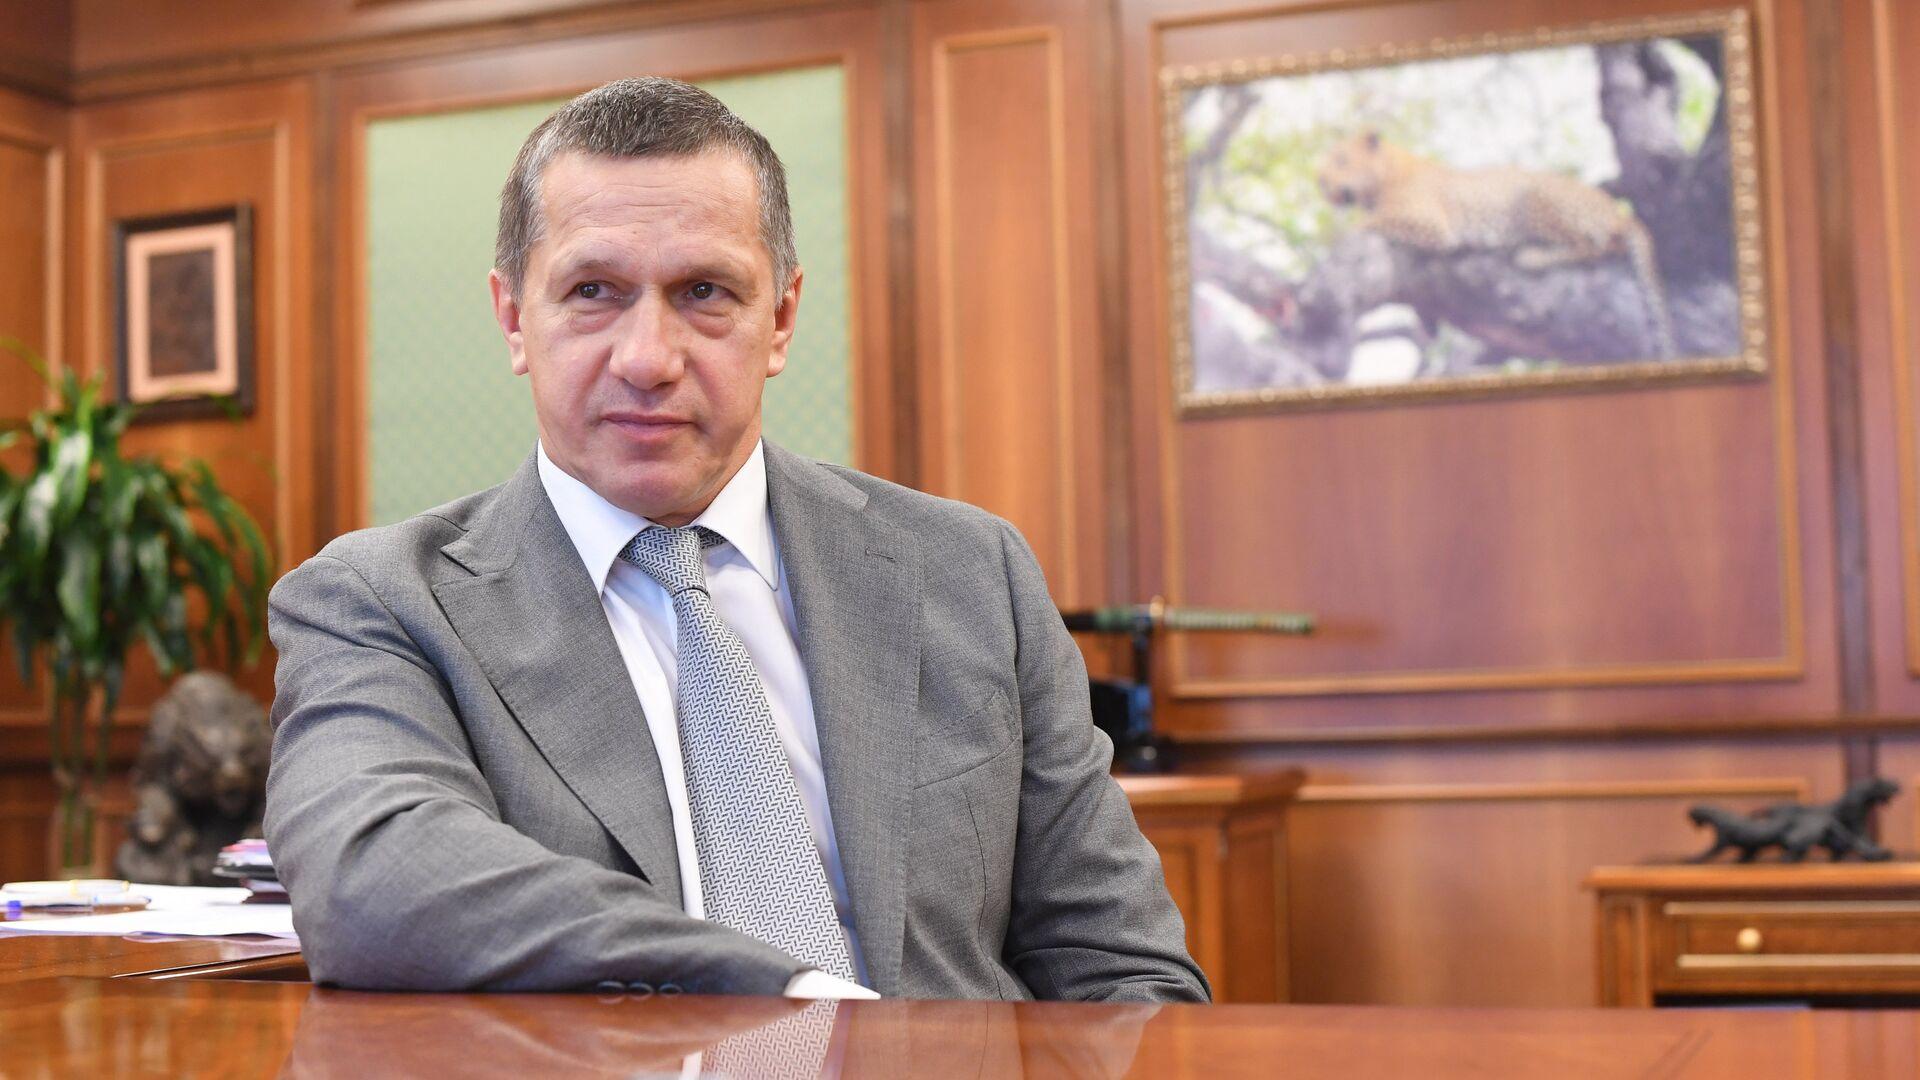 Трутнев считает, что отношение Путина к проекту моста на Сахалин меняется